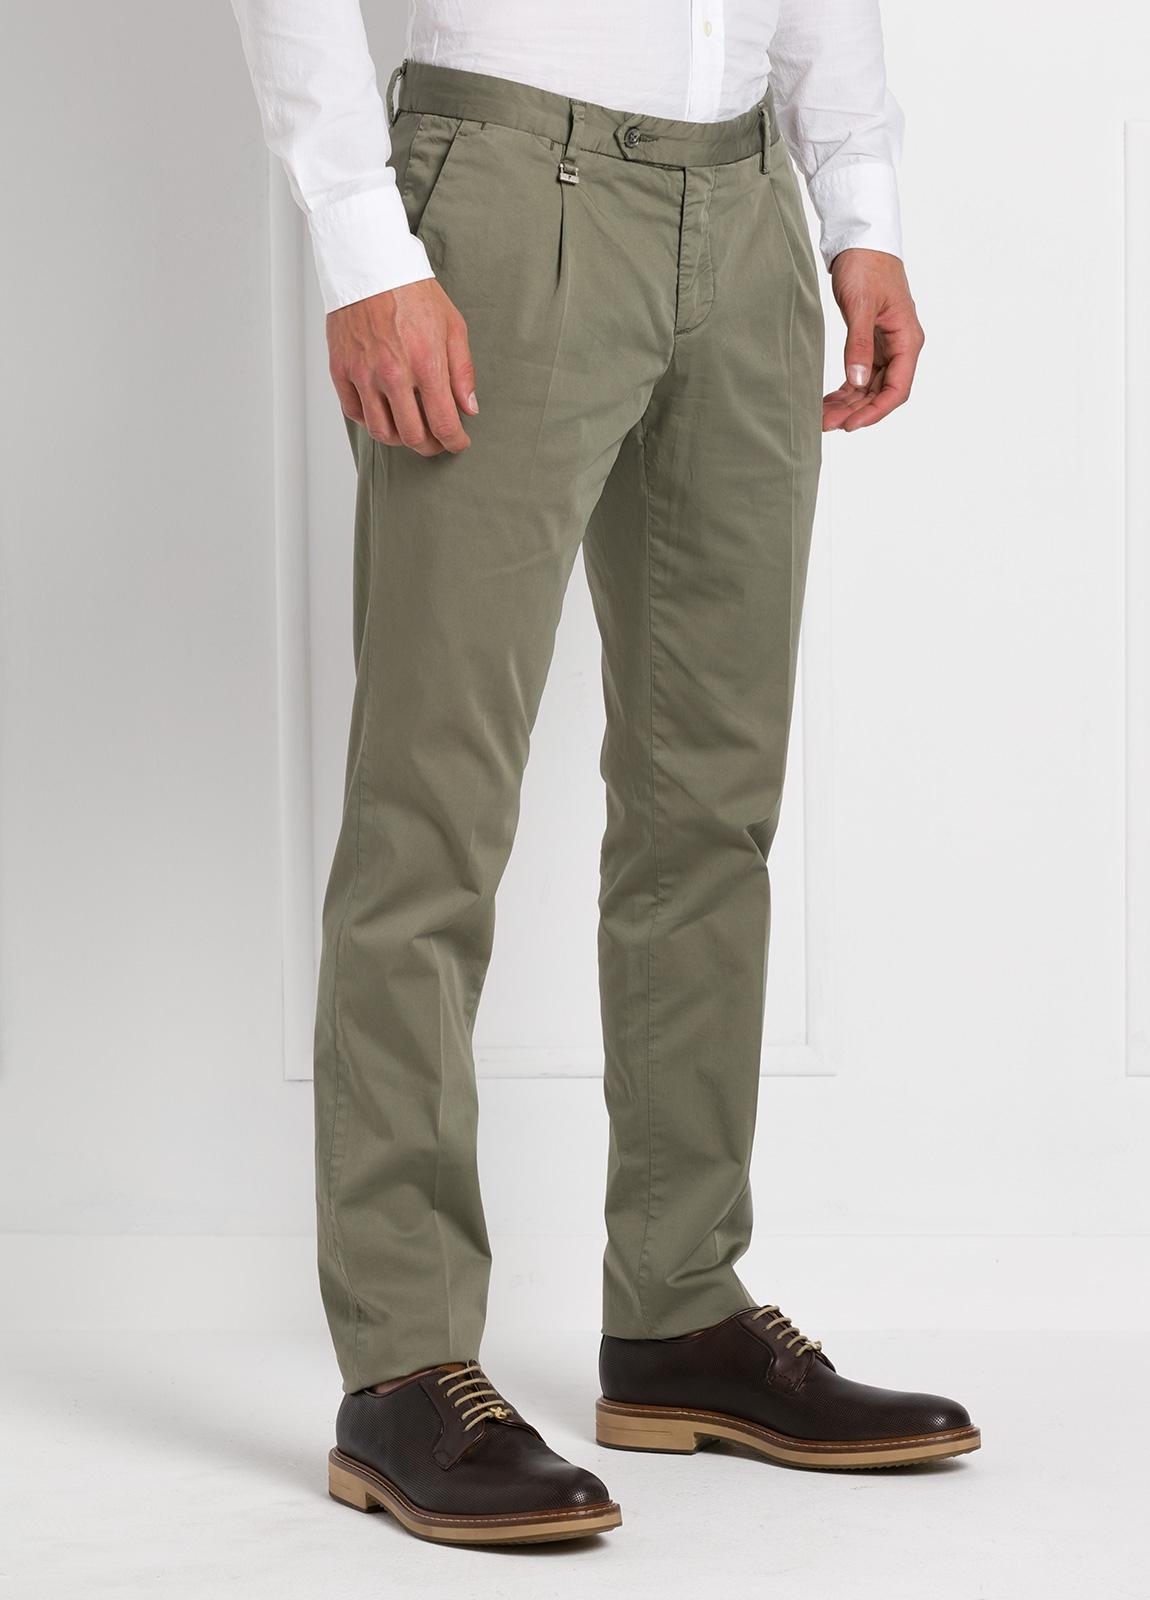 Pantalón modelo slim fit 1 pinza color kaki. 97% Algodón 3% Ea. - Ítem1